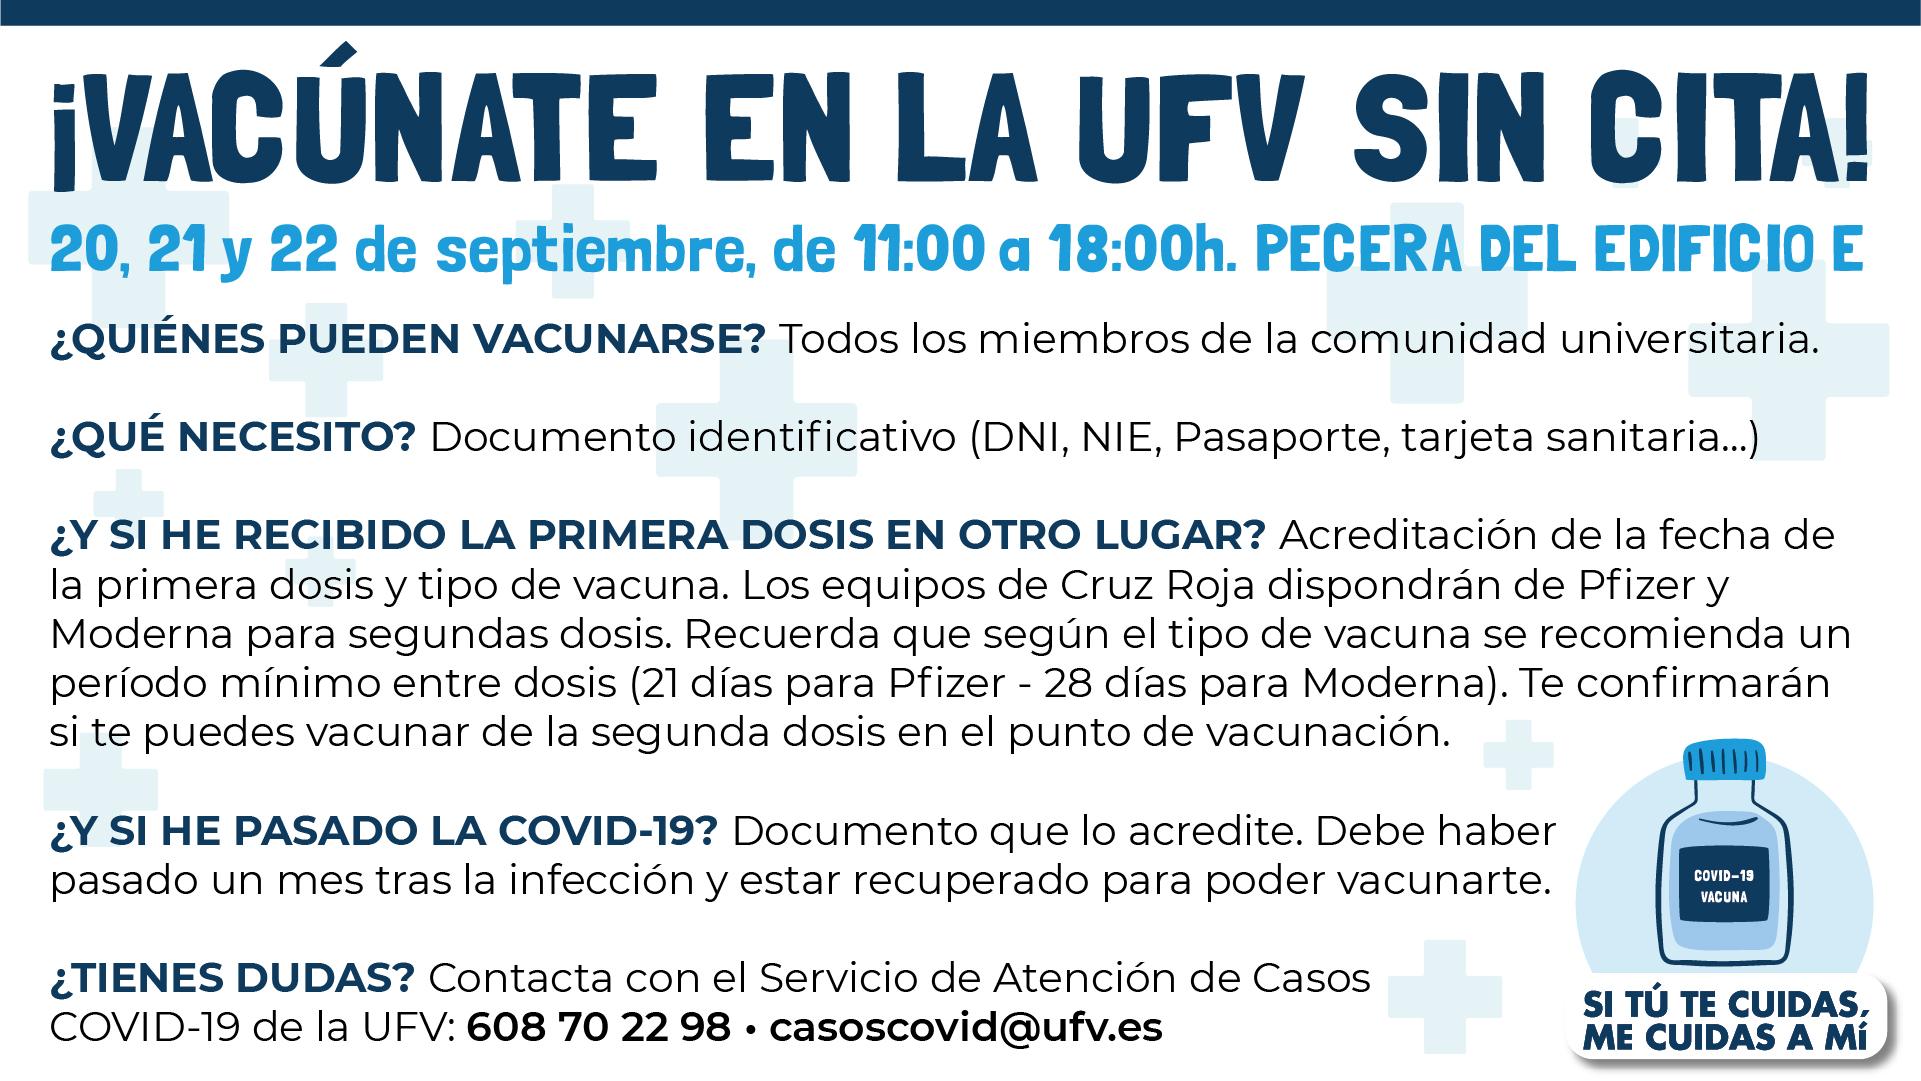 covid ufv La UFV se suma a la campaña de vacunación COVID 19 en los campus universitarios madrileños Estudiar en Universidad Privada Madrid